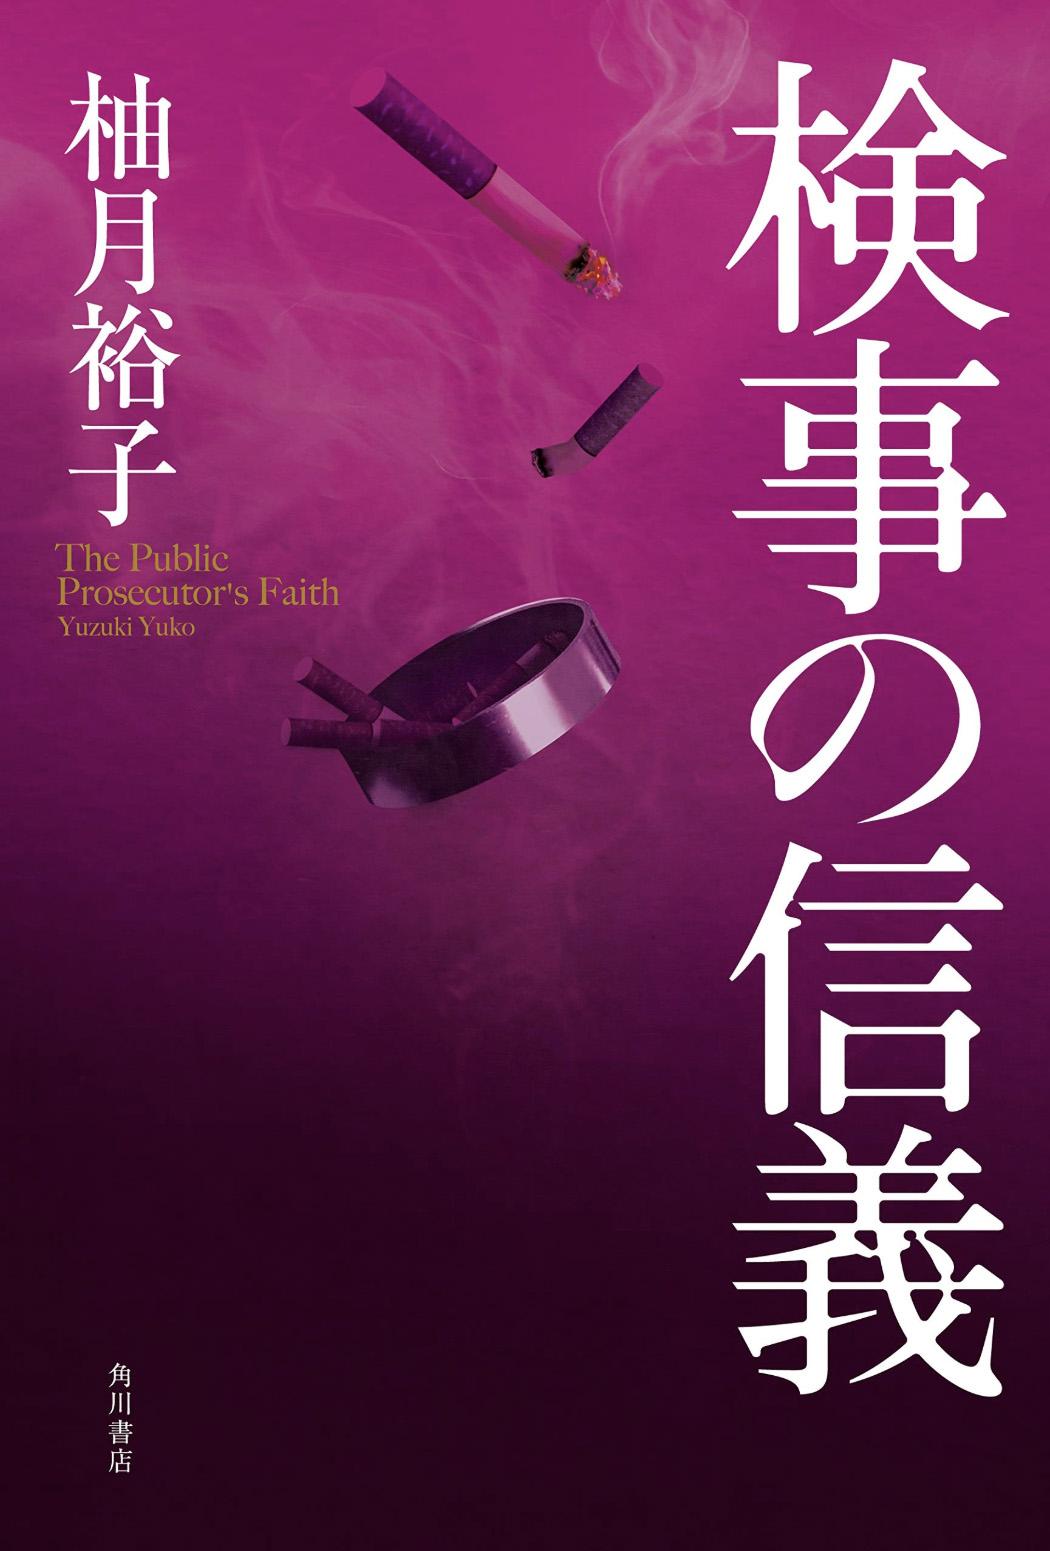 柚月裕子さん『検事の信義』